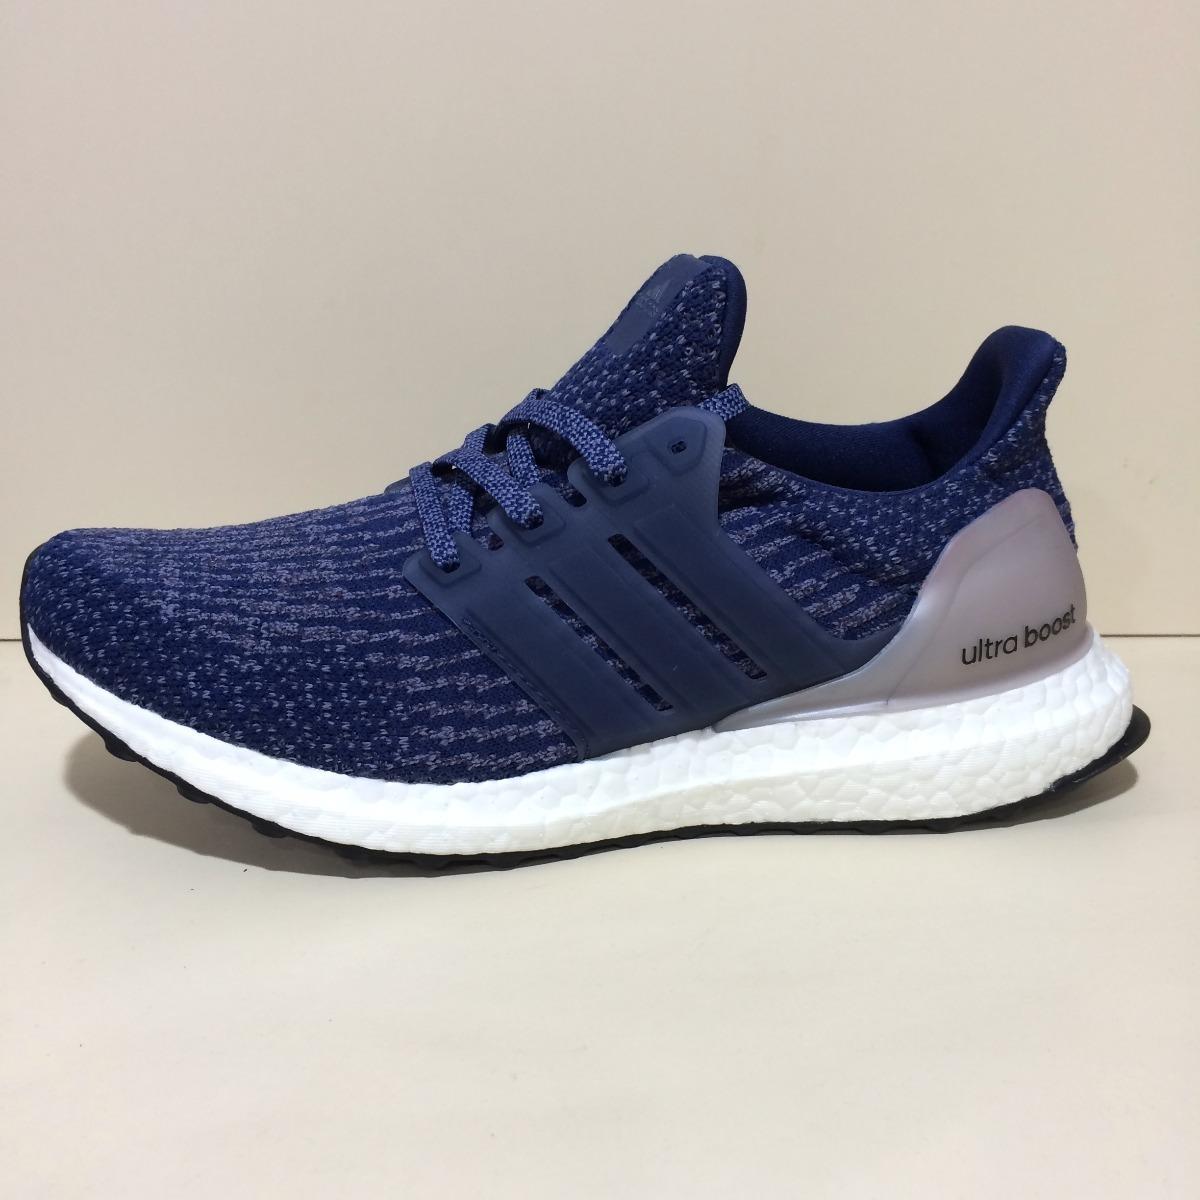 ac167333382ca zapatos originales adidas ultra boost 3.0 damas - ba8928. Cargando zoom.